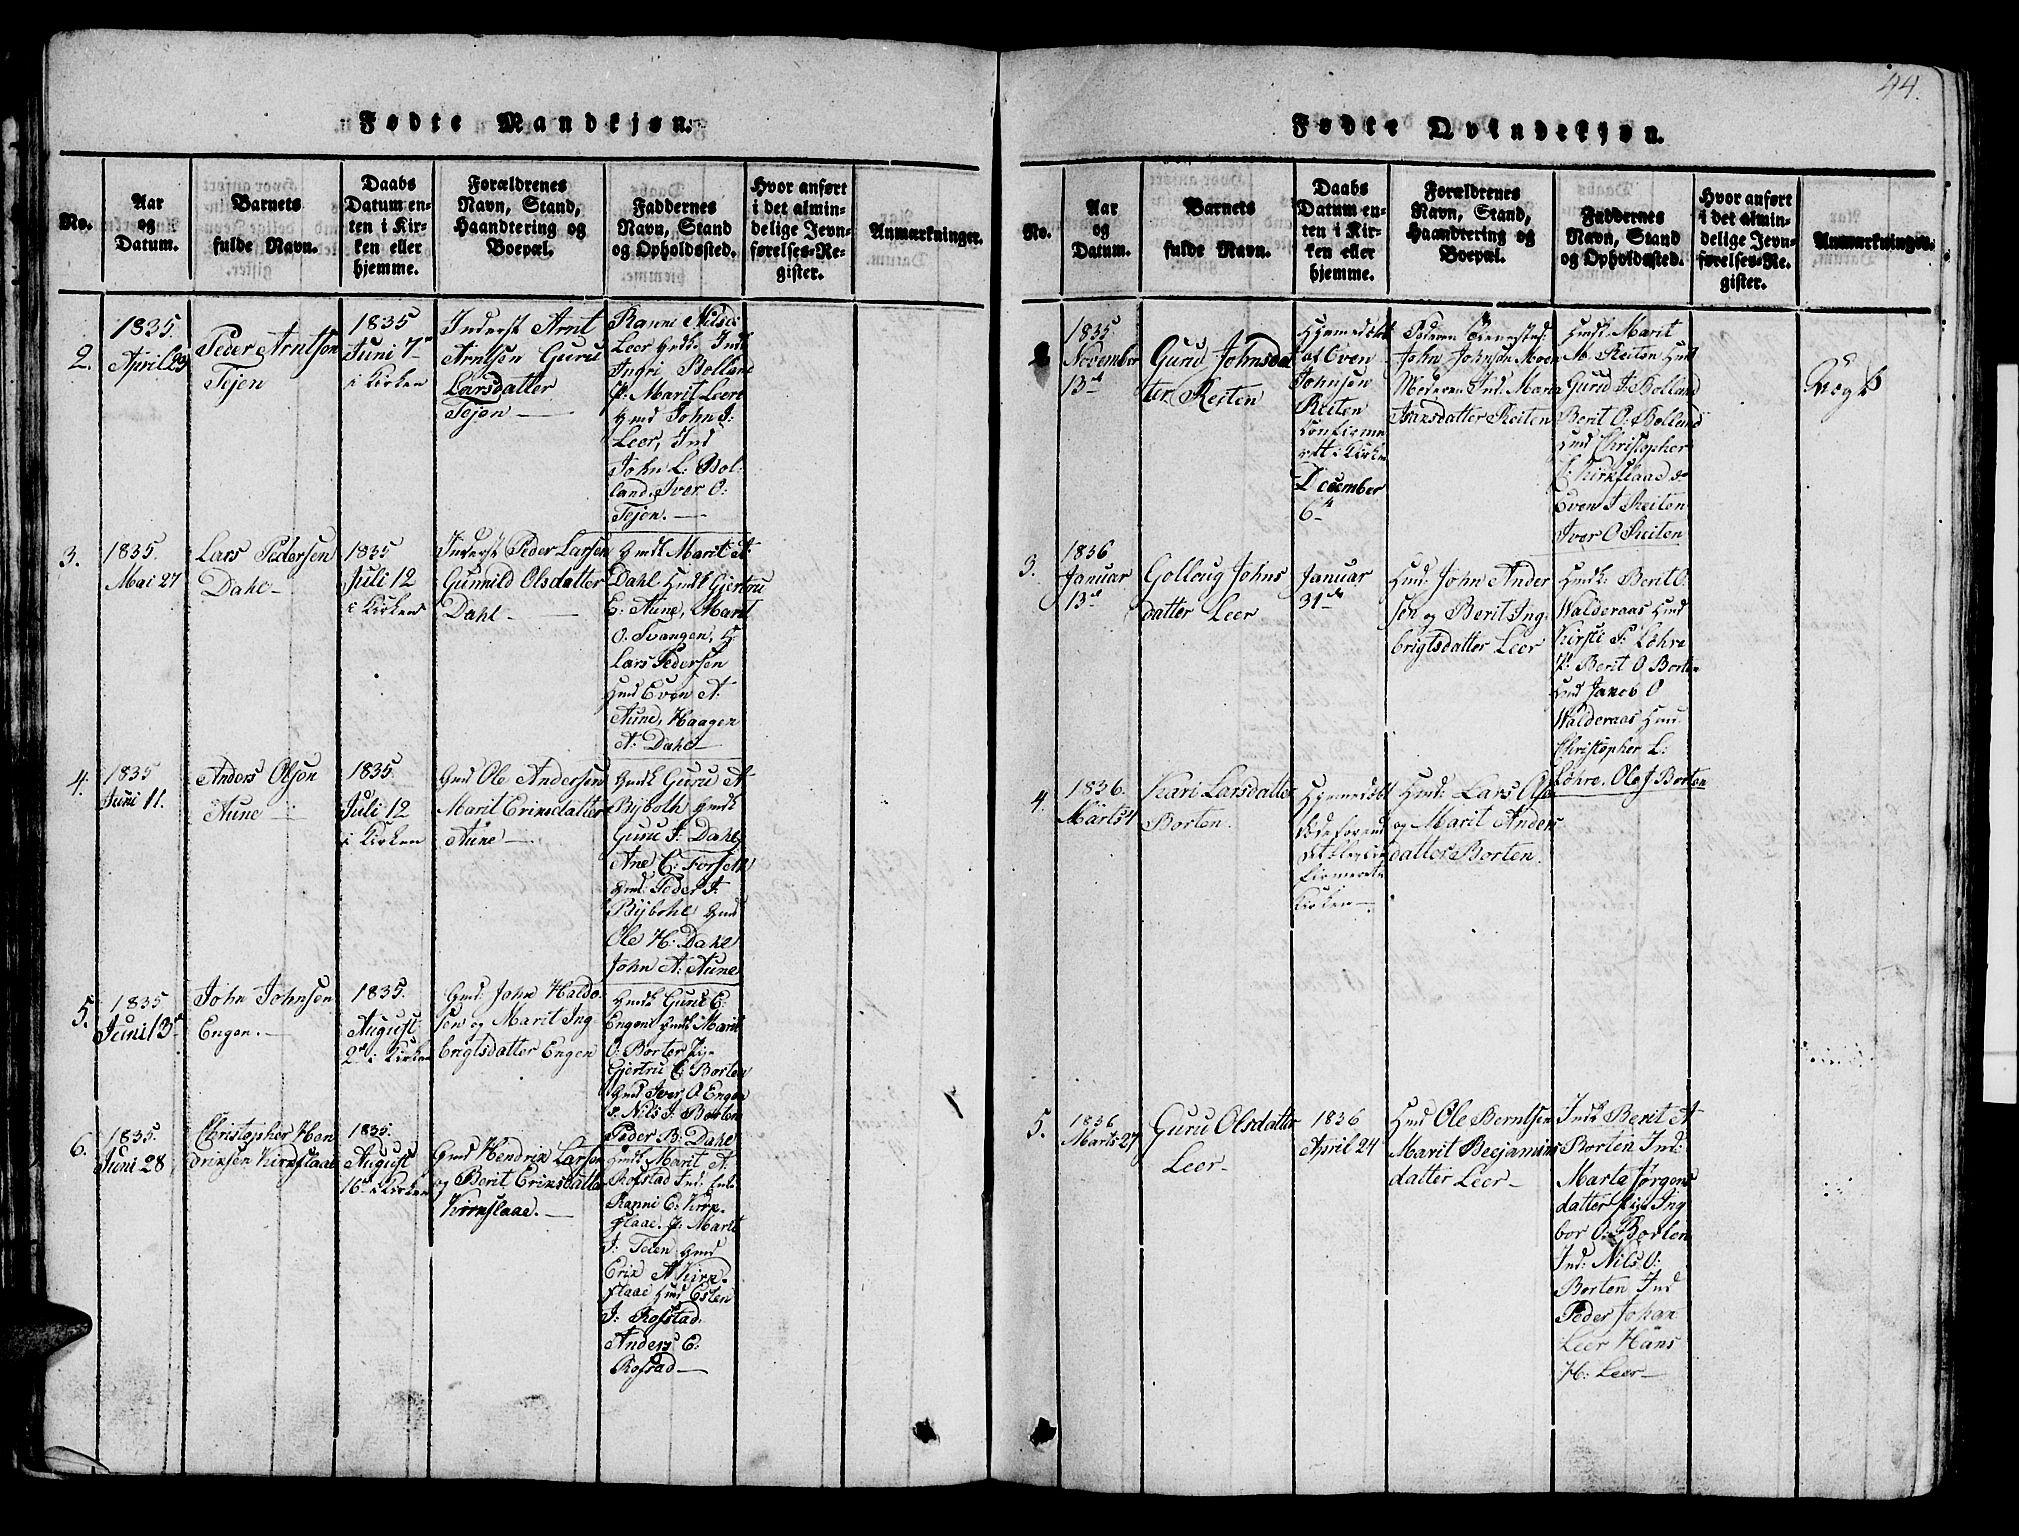 SAT, Ministerialprotokoller, klokkerbøker og fødselsregistre - Sør-Trøndelag, 693/L1121: Klokkerbok nr. 693C02, 1816-1869, s. 44